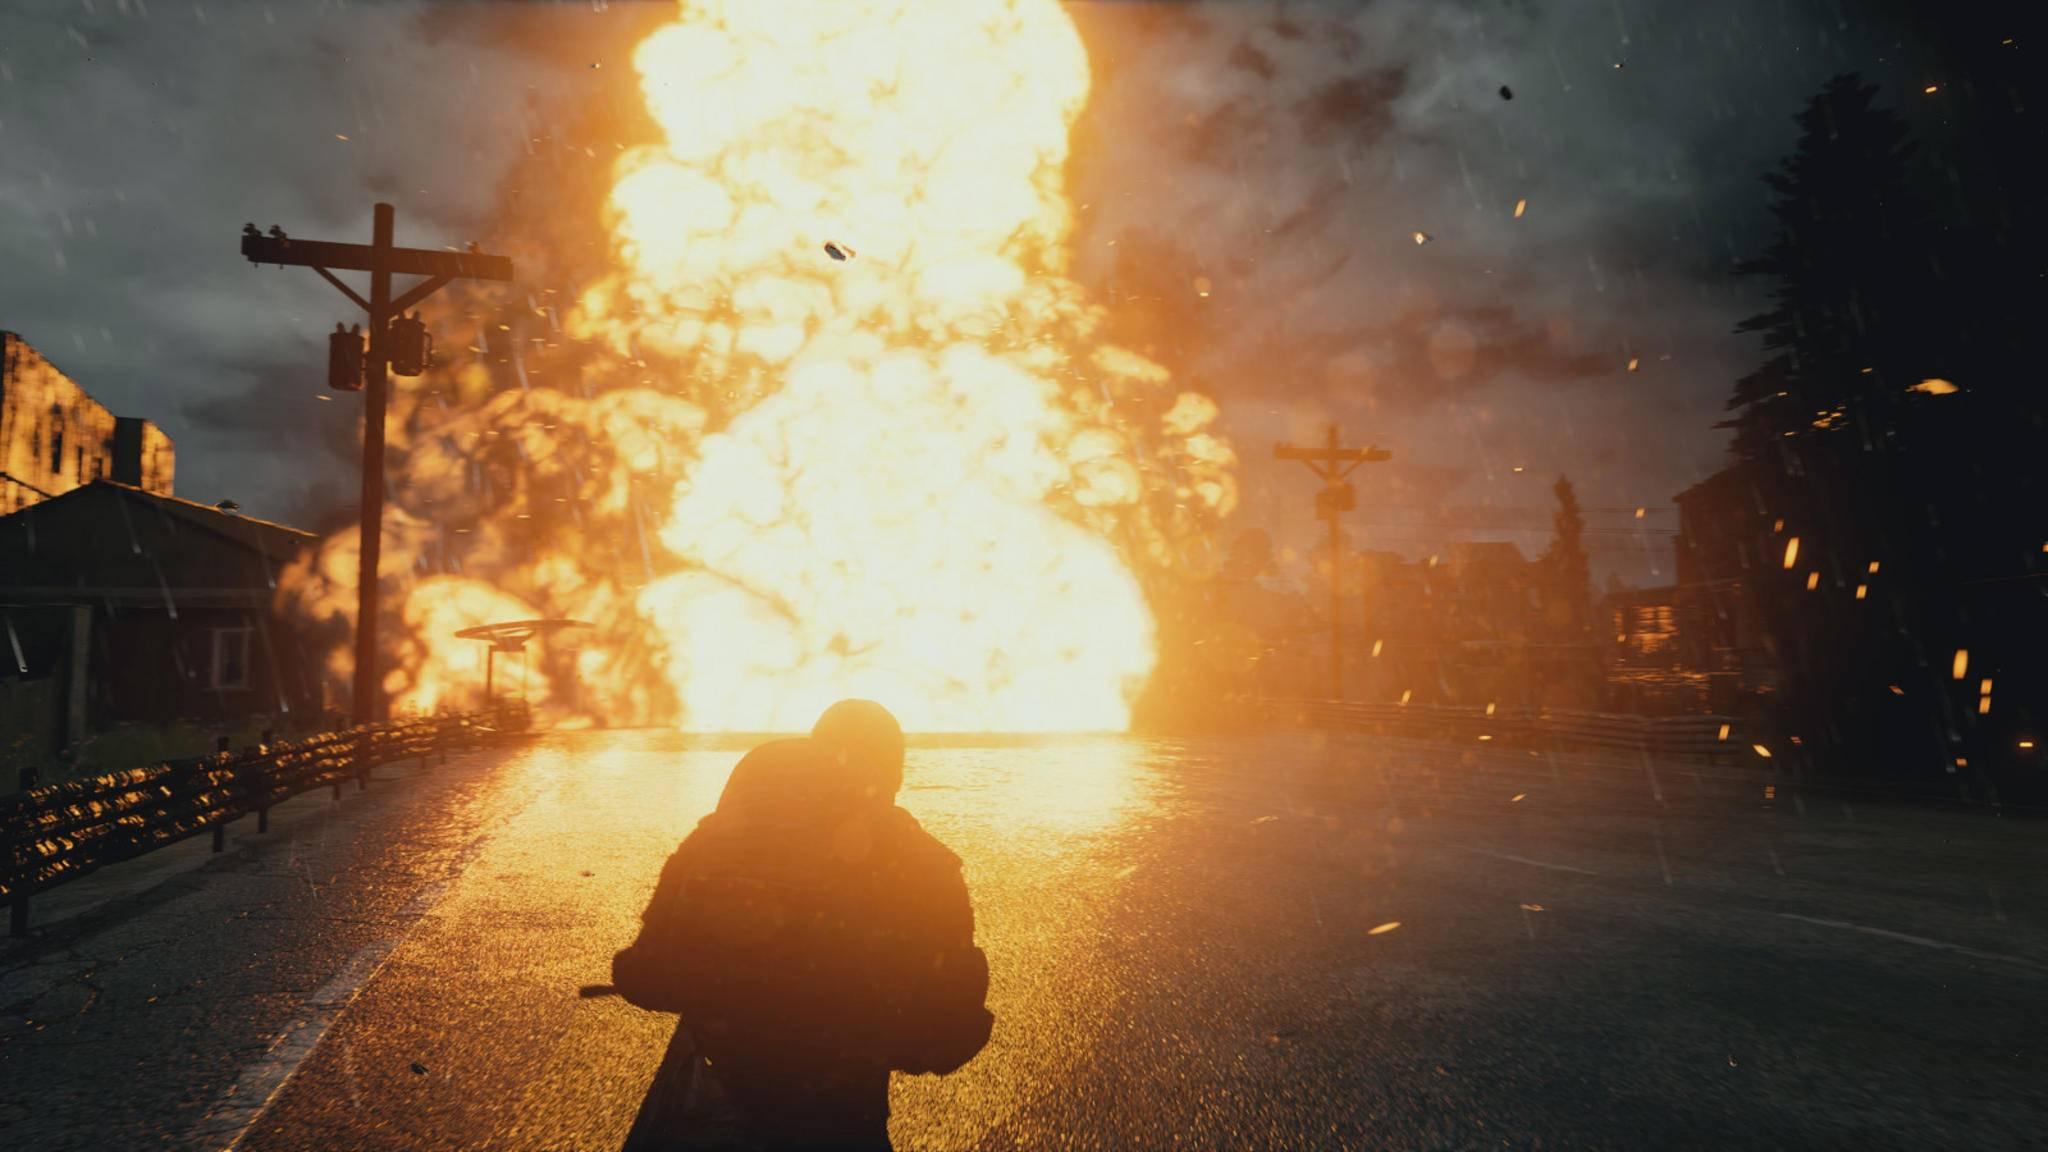 """Ob Explosion oder Hinterhalt: In """"Playerunknown's Battlegrounds"""" kann Dich Vieles das Spiel-Leben kosten. Unsere Tipps helfen Dir dabei, Dich auf der Arena-Insel zu behaupten."""